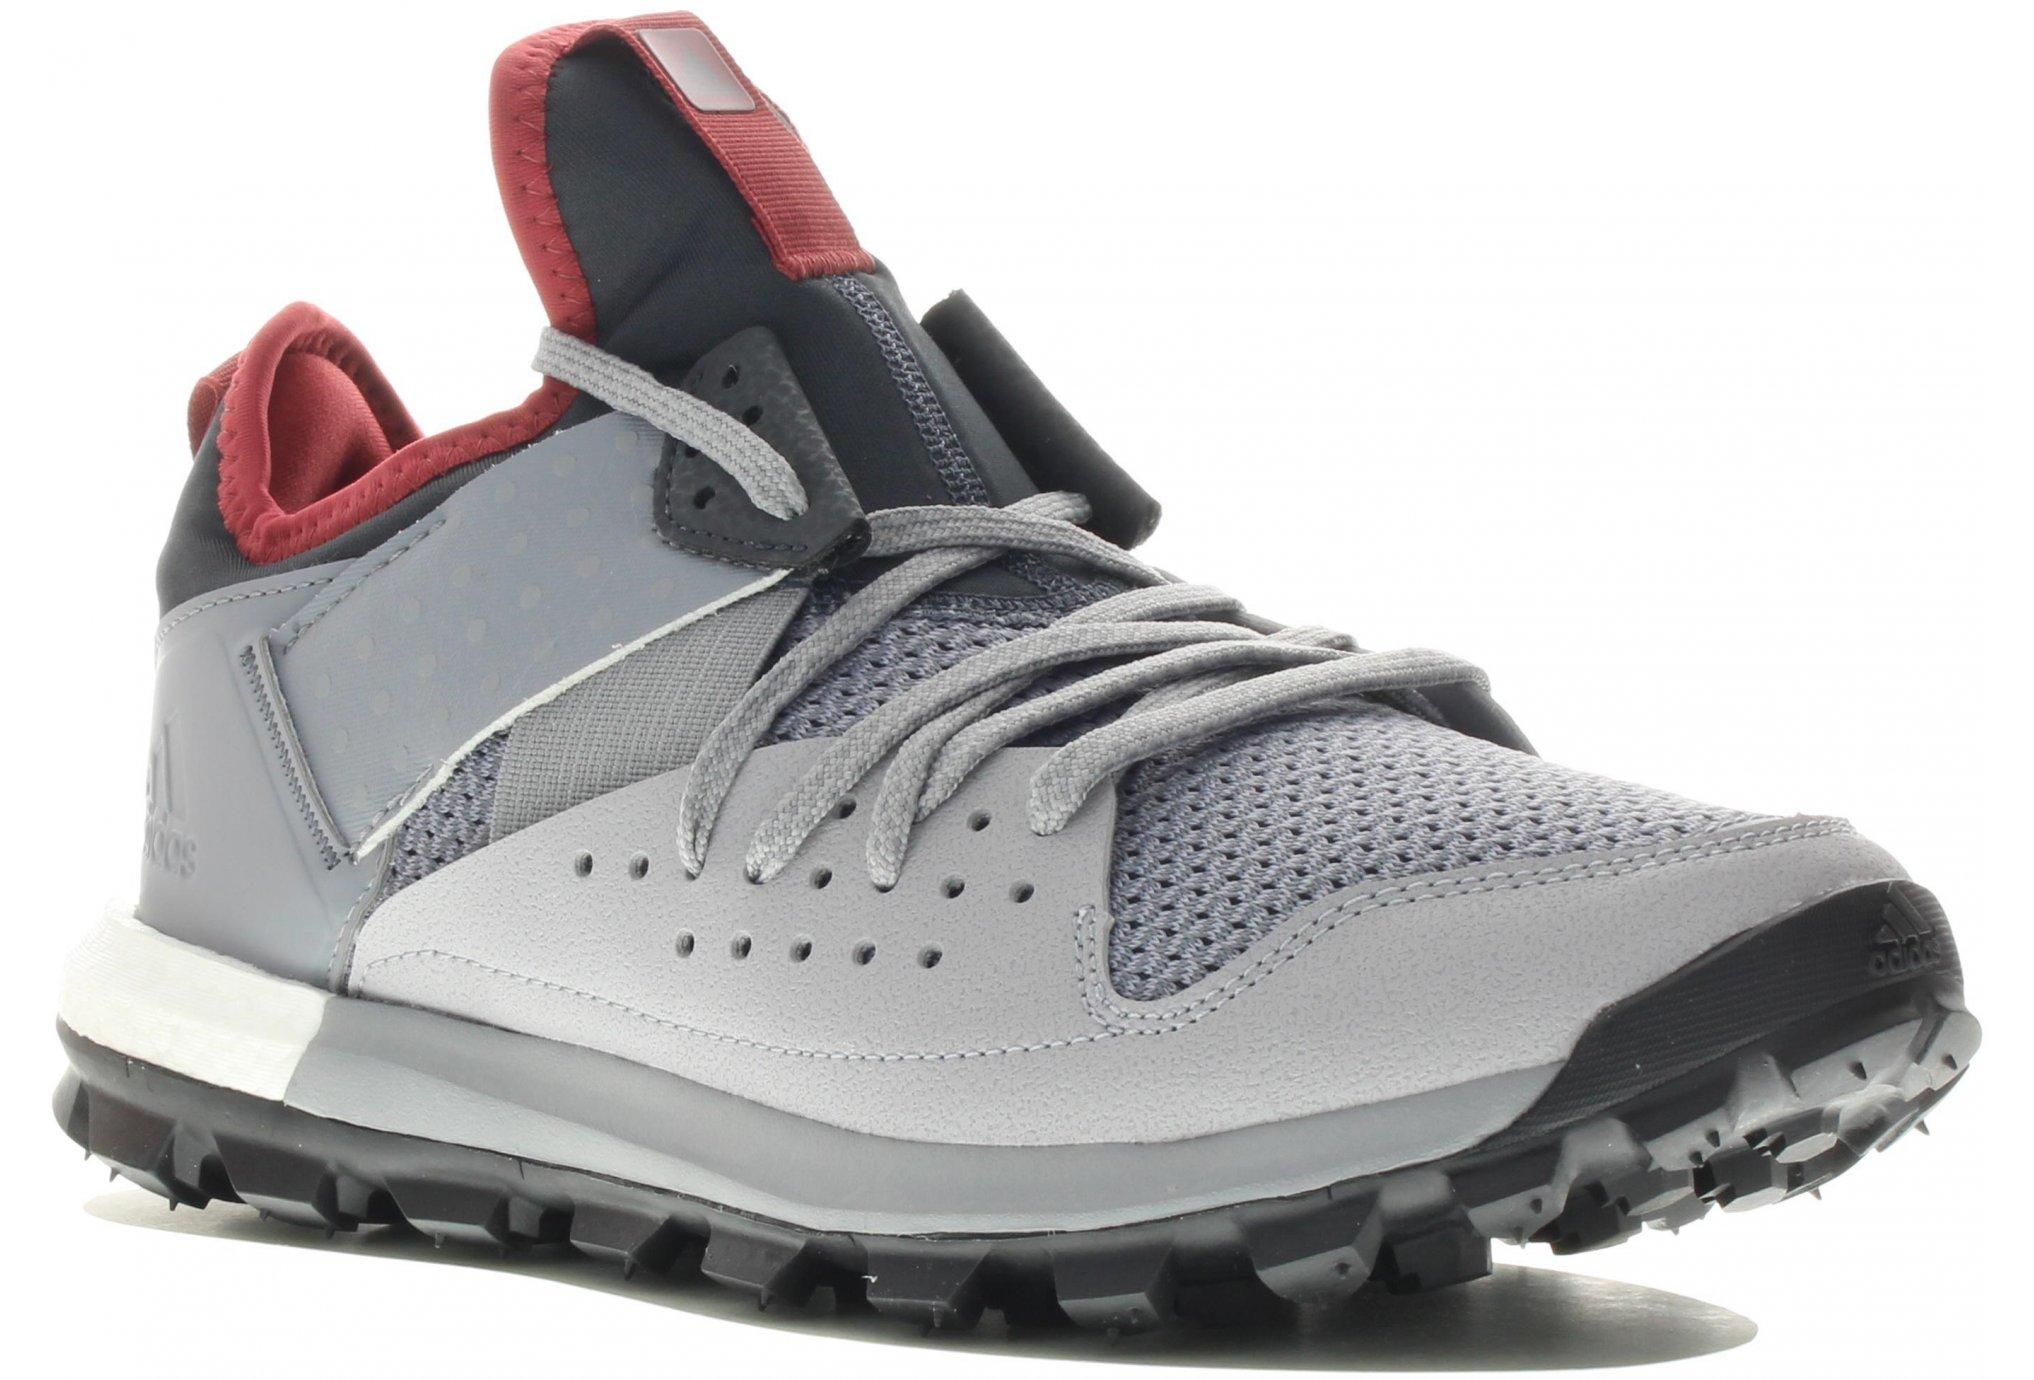 Adidas Response trail boost w diététique chaussures femme